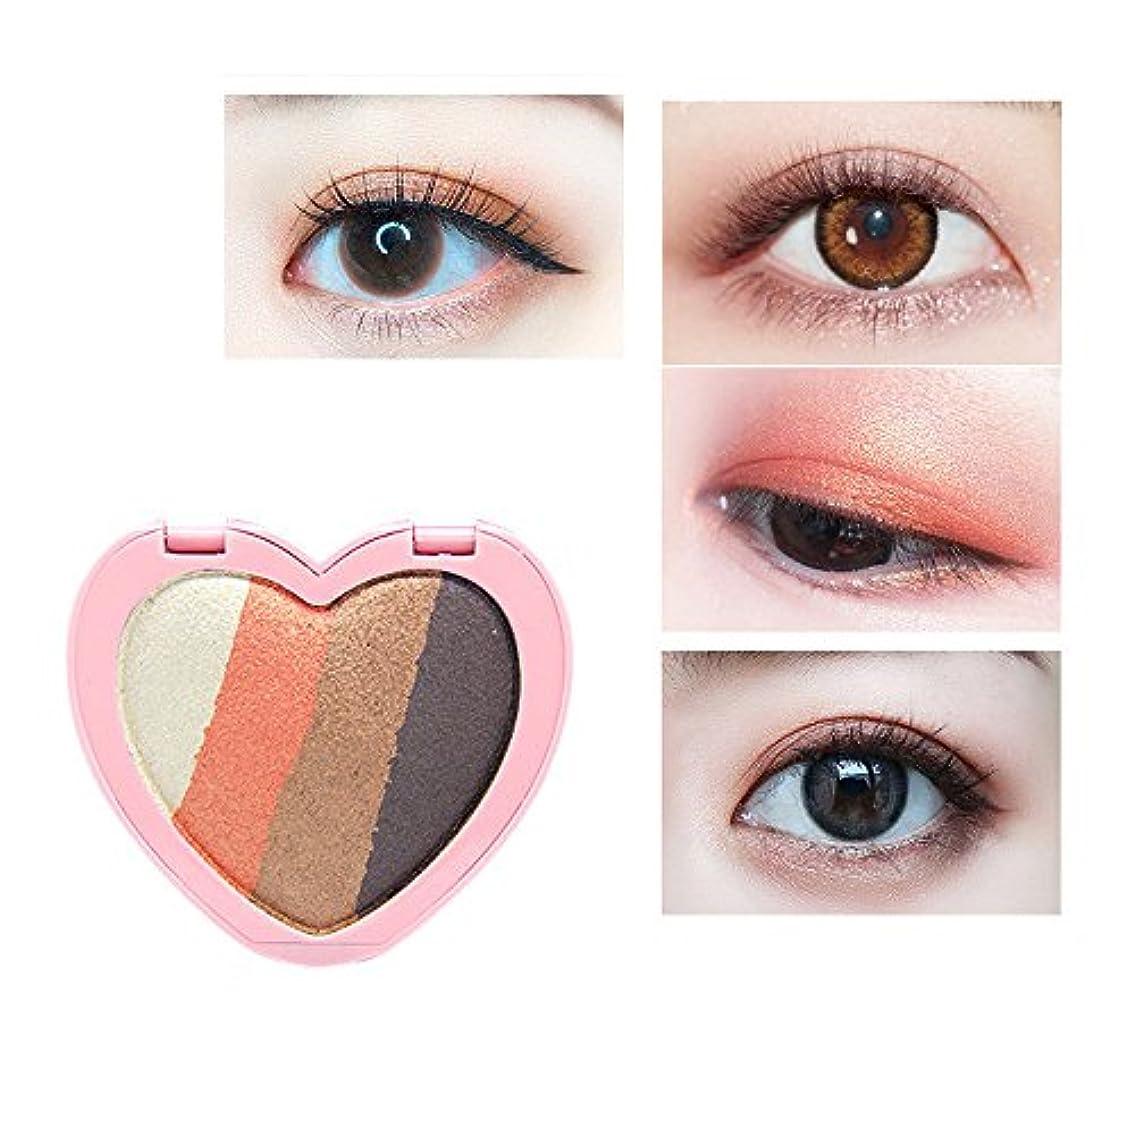 起業家芸術的道路を作るプロセスAkane アイシャドウパレット HOJO ファッション 超可愛い 心形 綺麗 素敵 美しい 防水 魅力的 高級 優雅な キラキラ 持ち便利 日常 Eye Shadow (4色) 8009